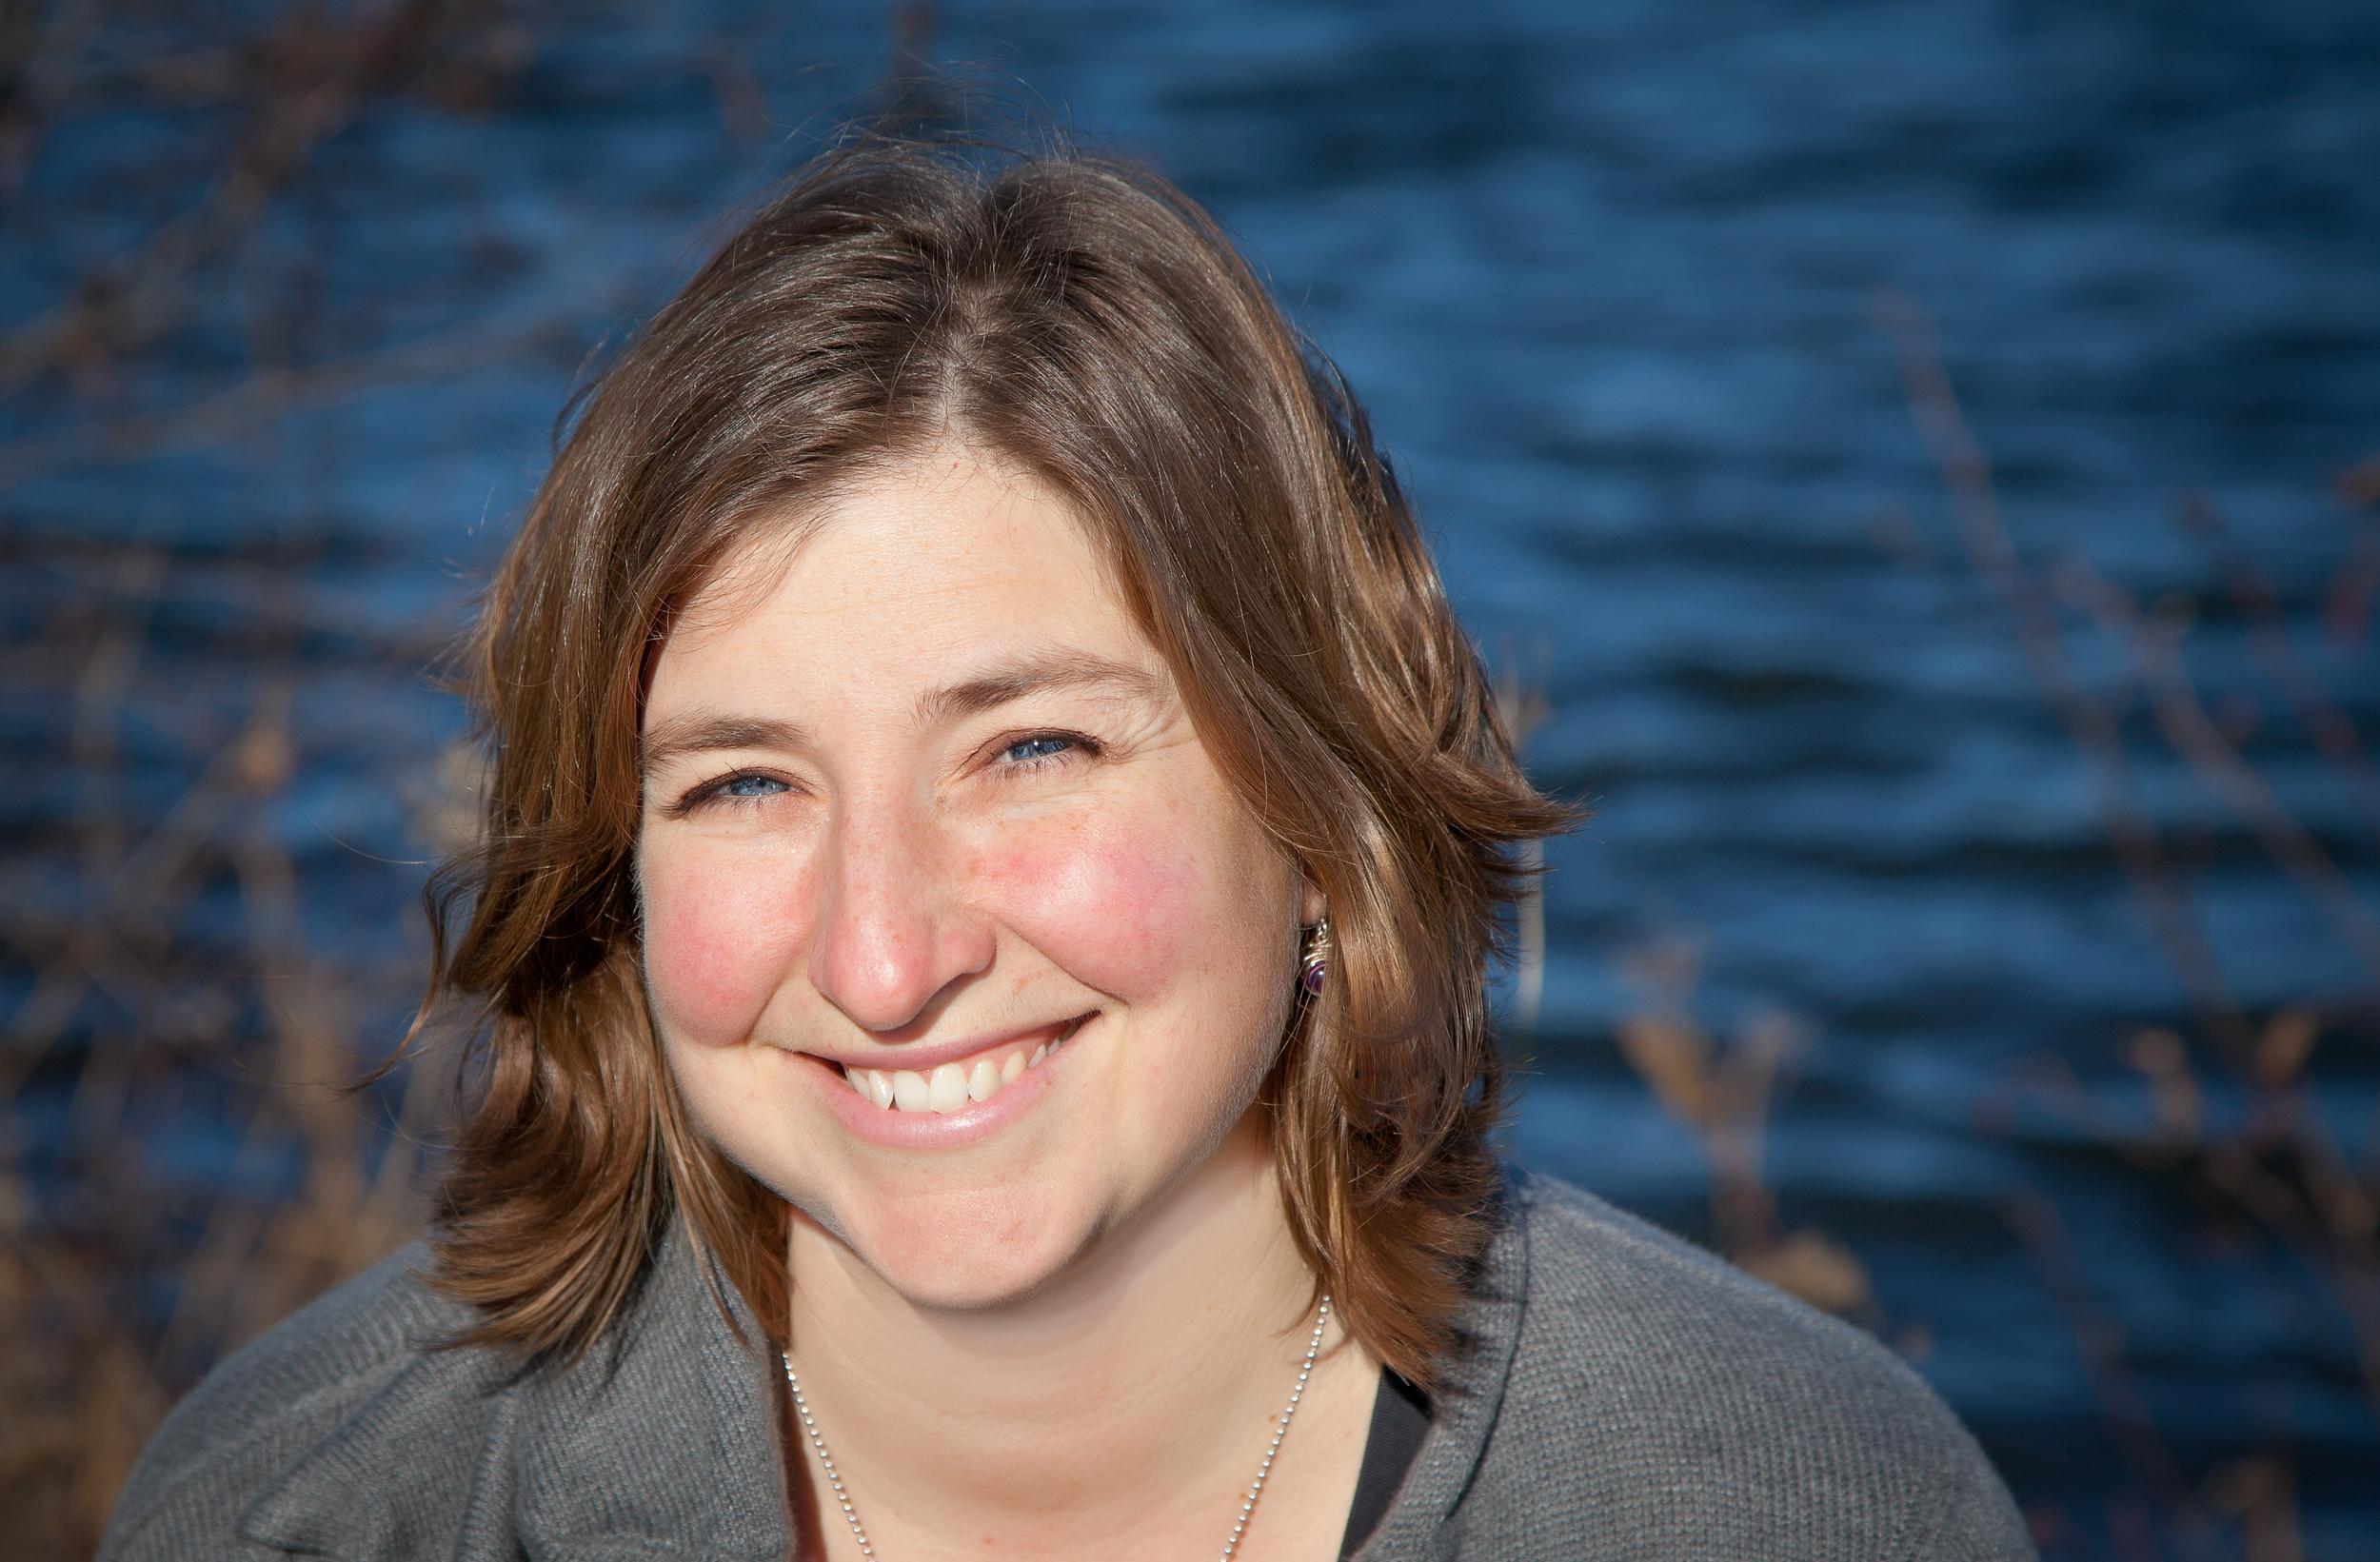 Kelly Callahan